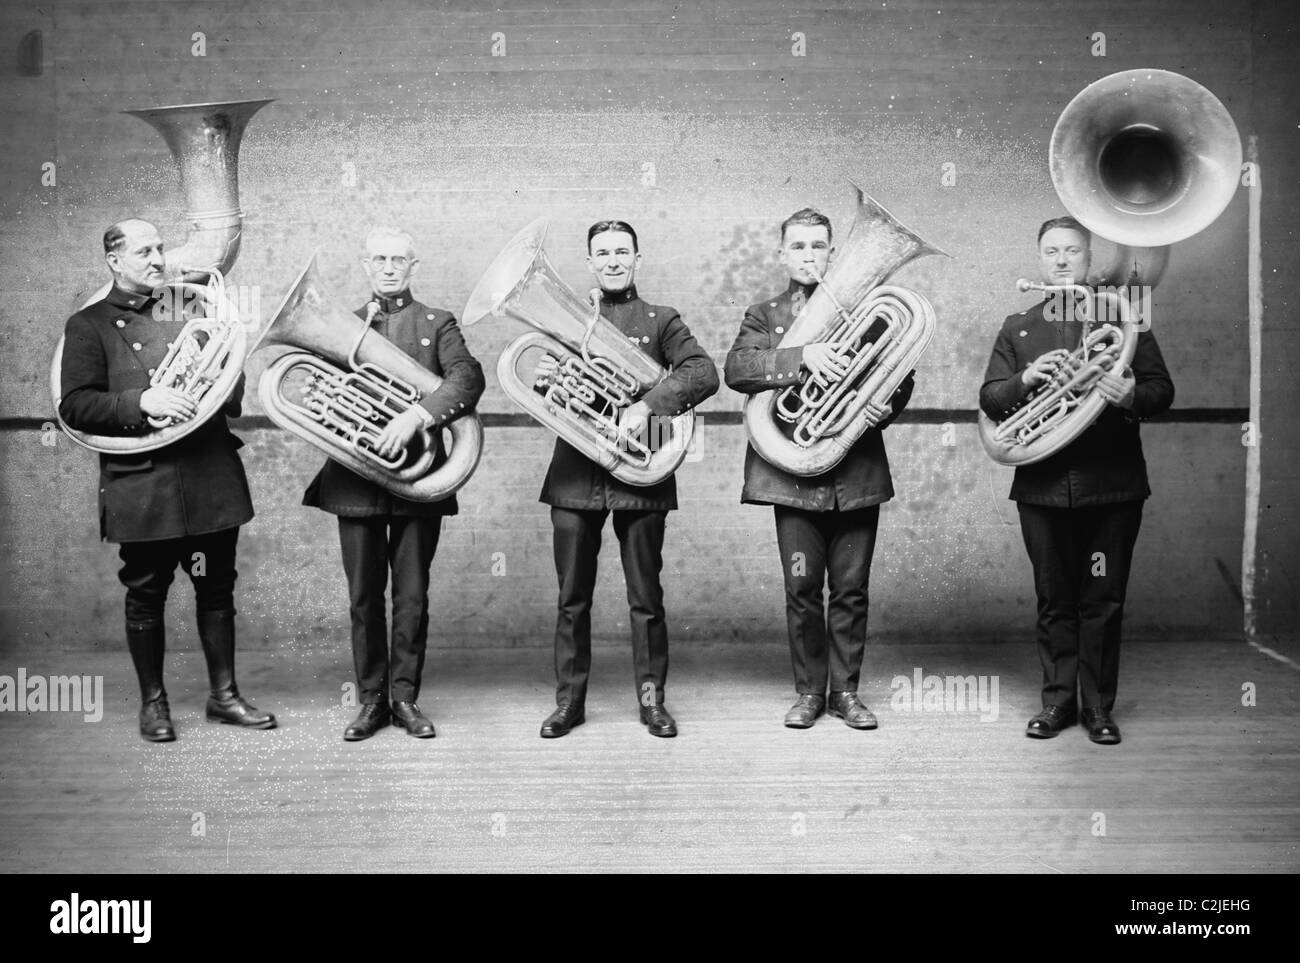 Police Tuba Band - Stock Image